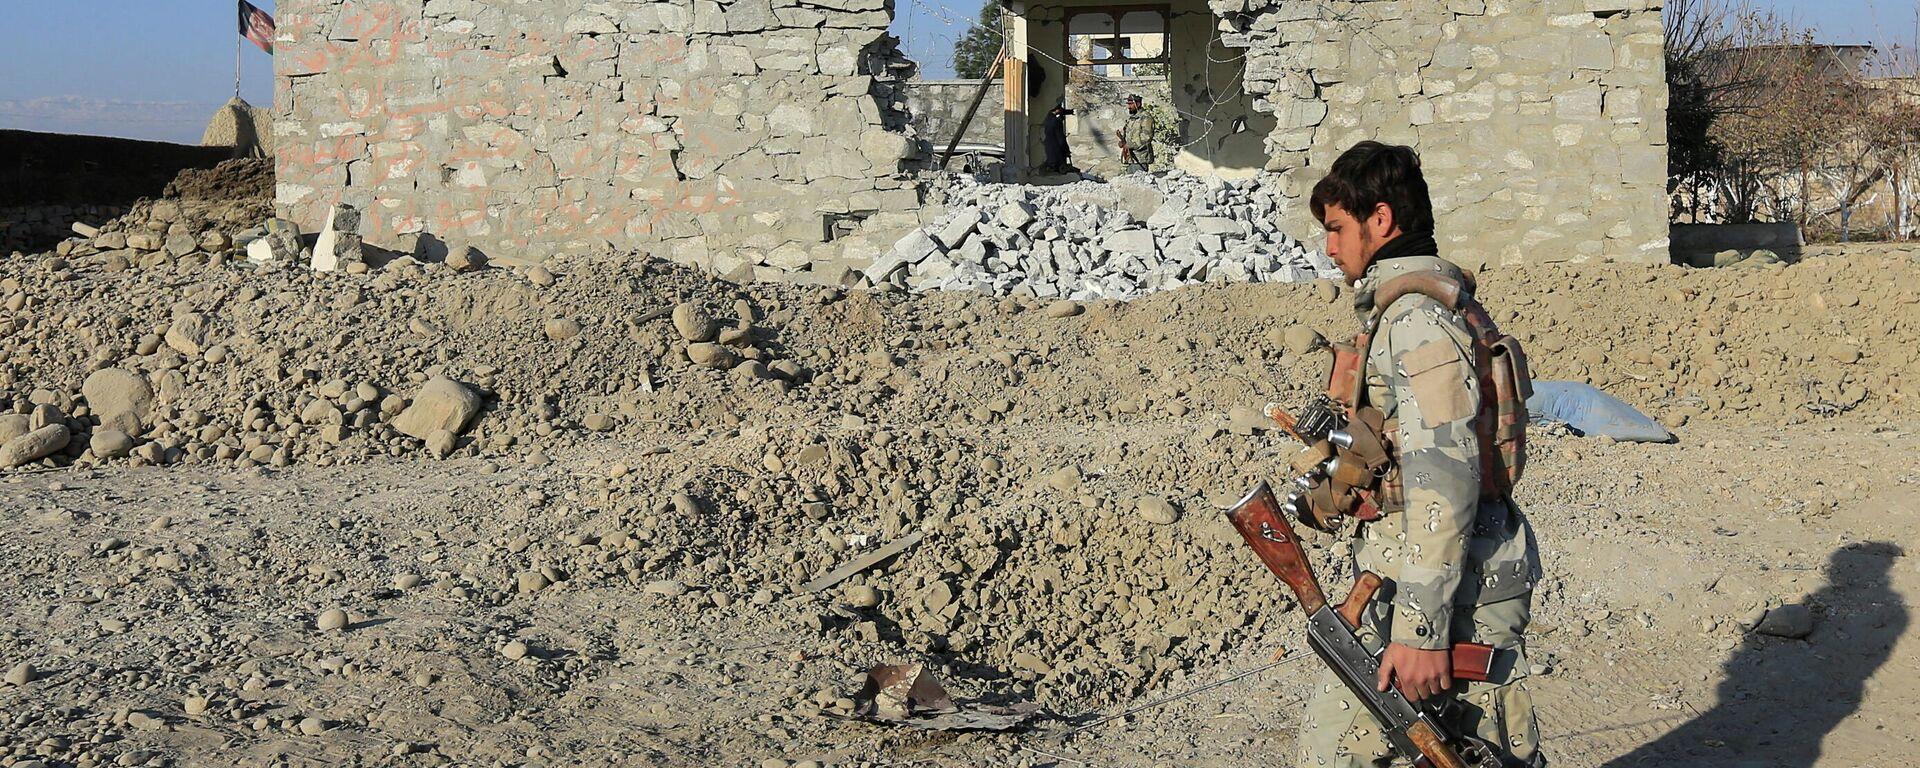 Ein afghanischer Polizist vor einem durch einen Bombenangriff zerstörten Gebäude im Distrikt Khogyani, Provinz Nangarhar . - SNA, 1920, 04.04.2021